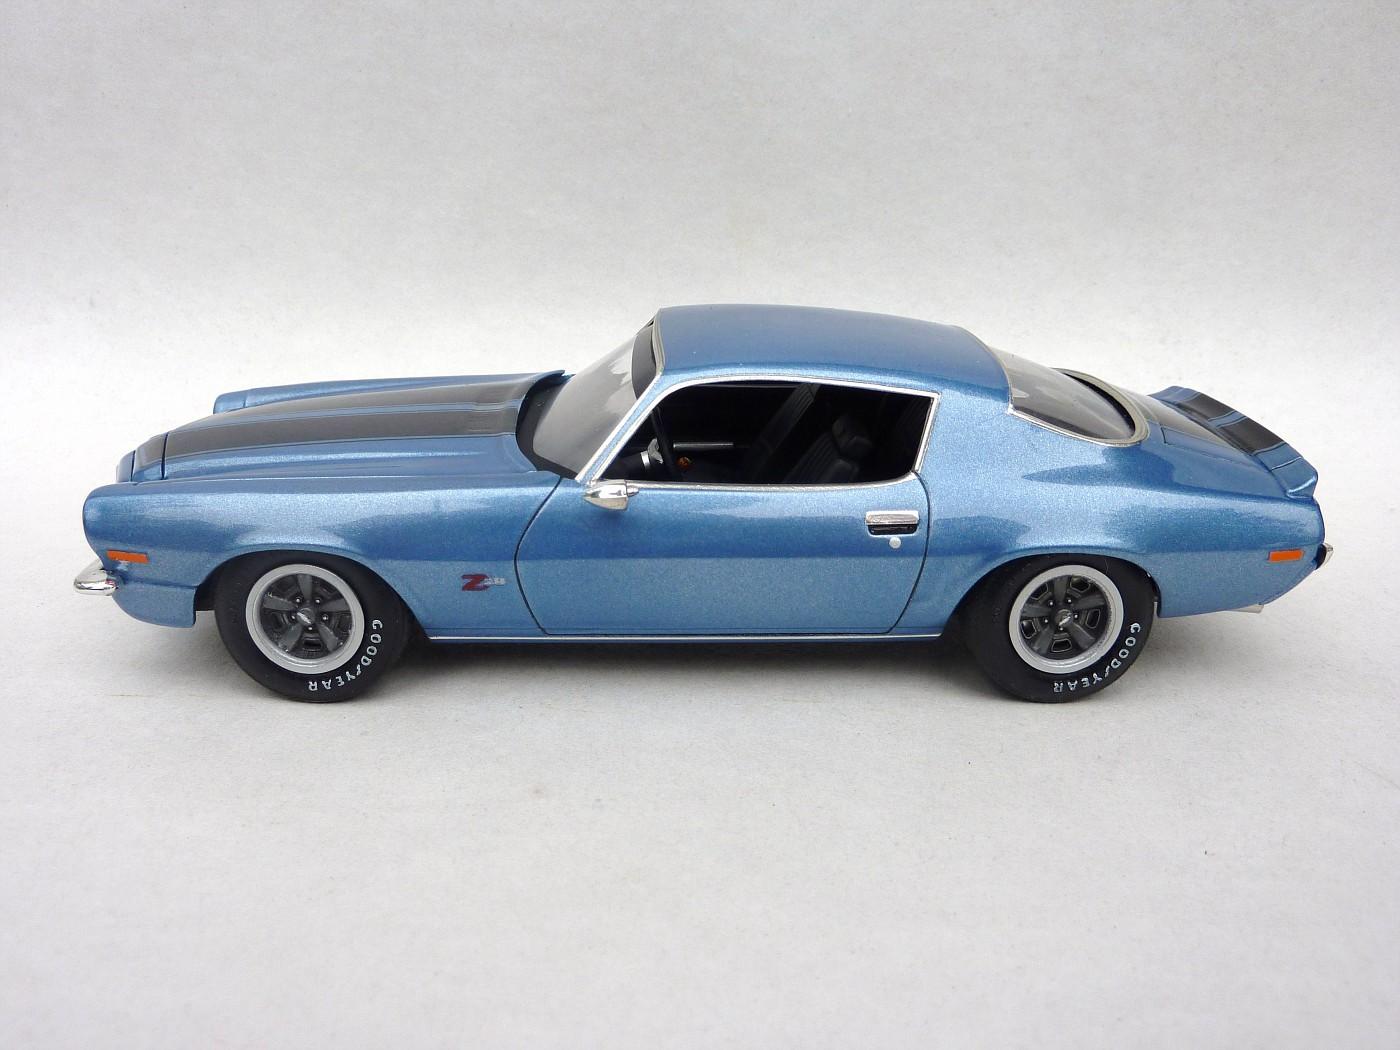 Restauration Camaro Z 28 1970 terminée PhotosfinalesCamaroZ2870030-vi